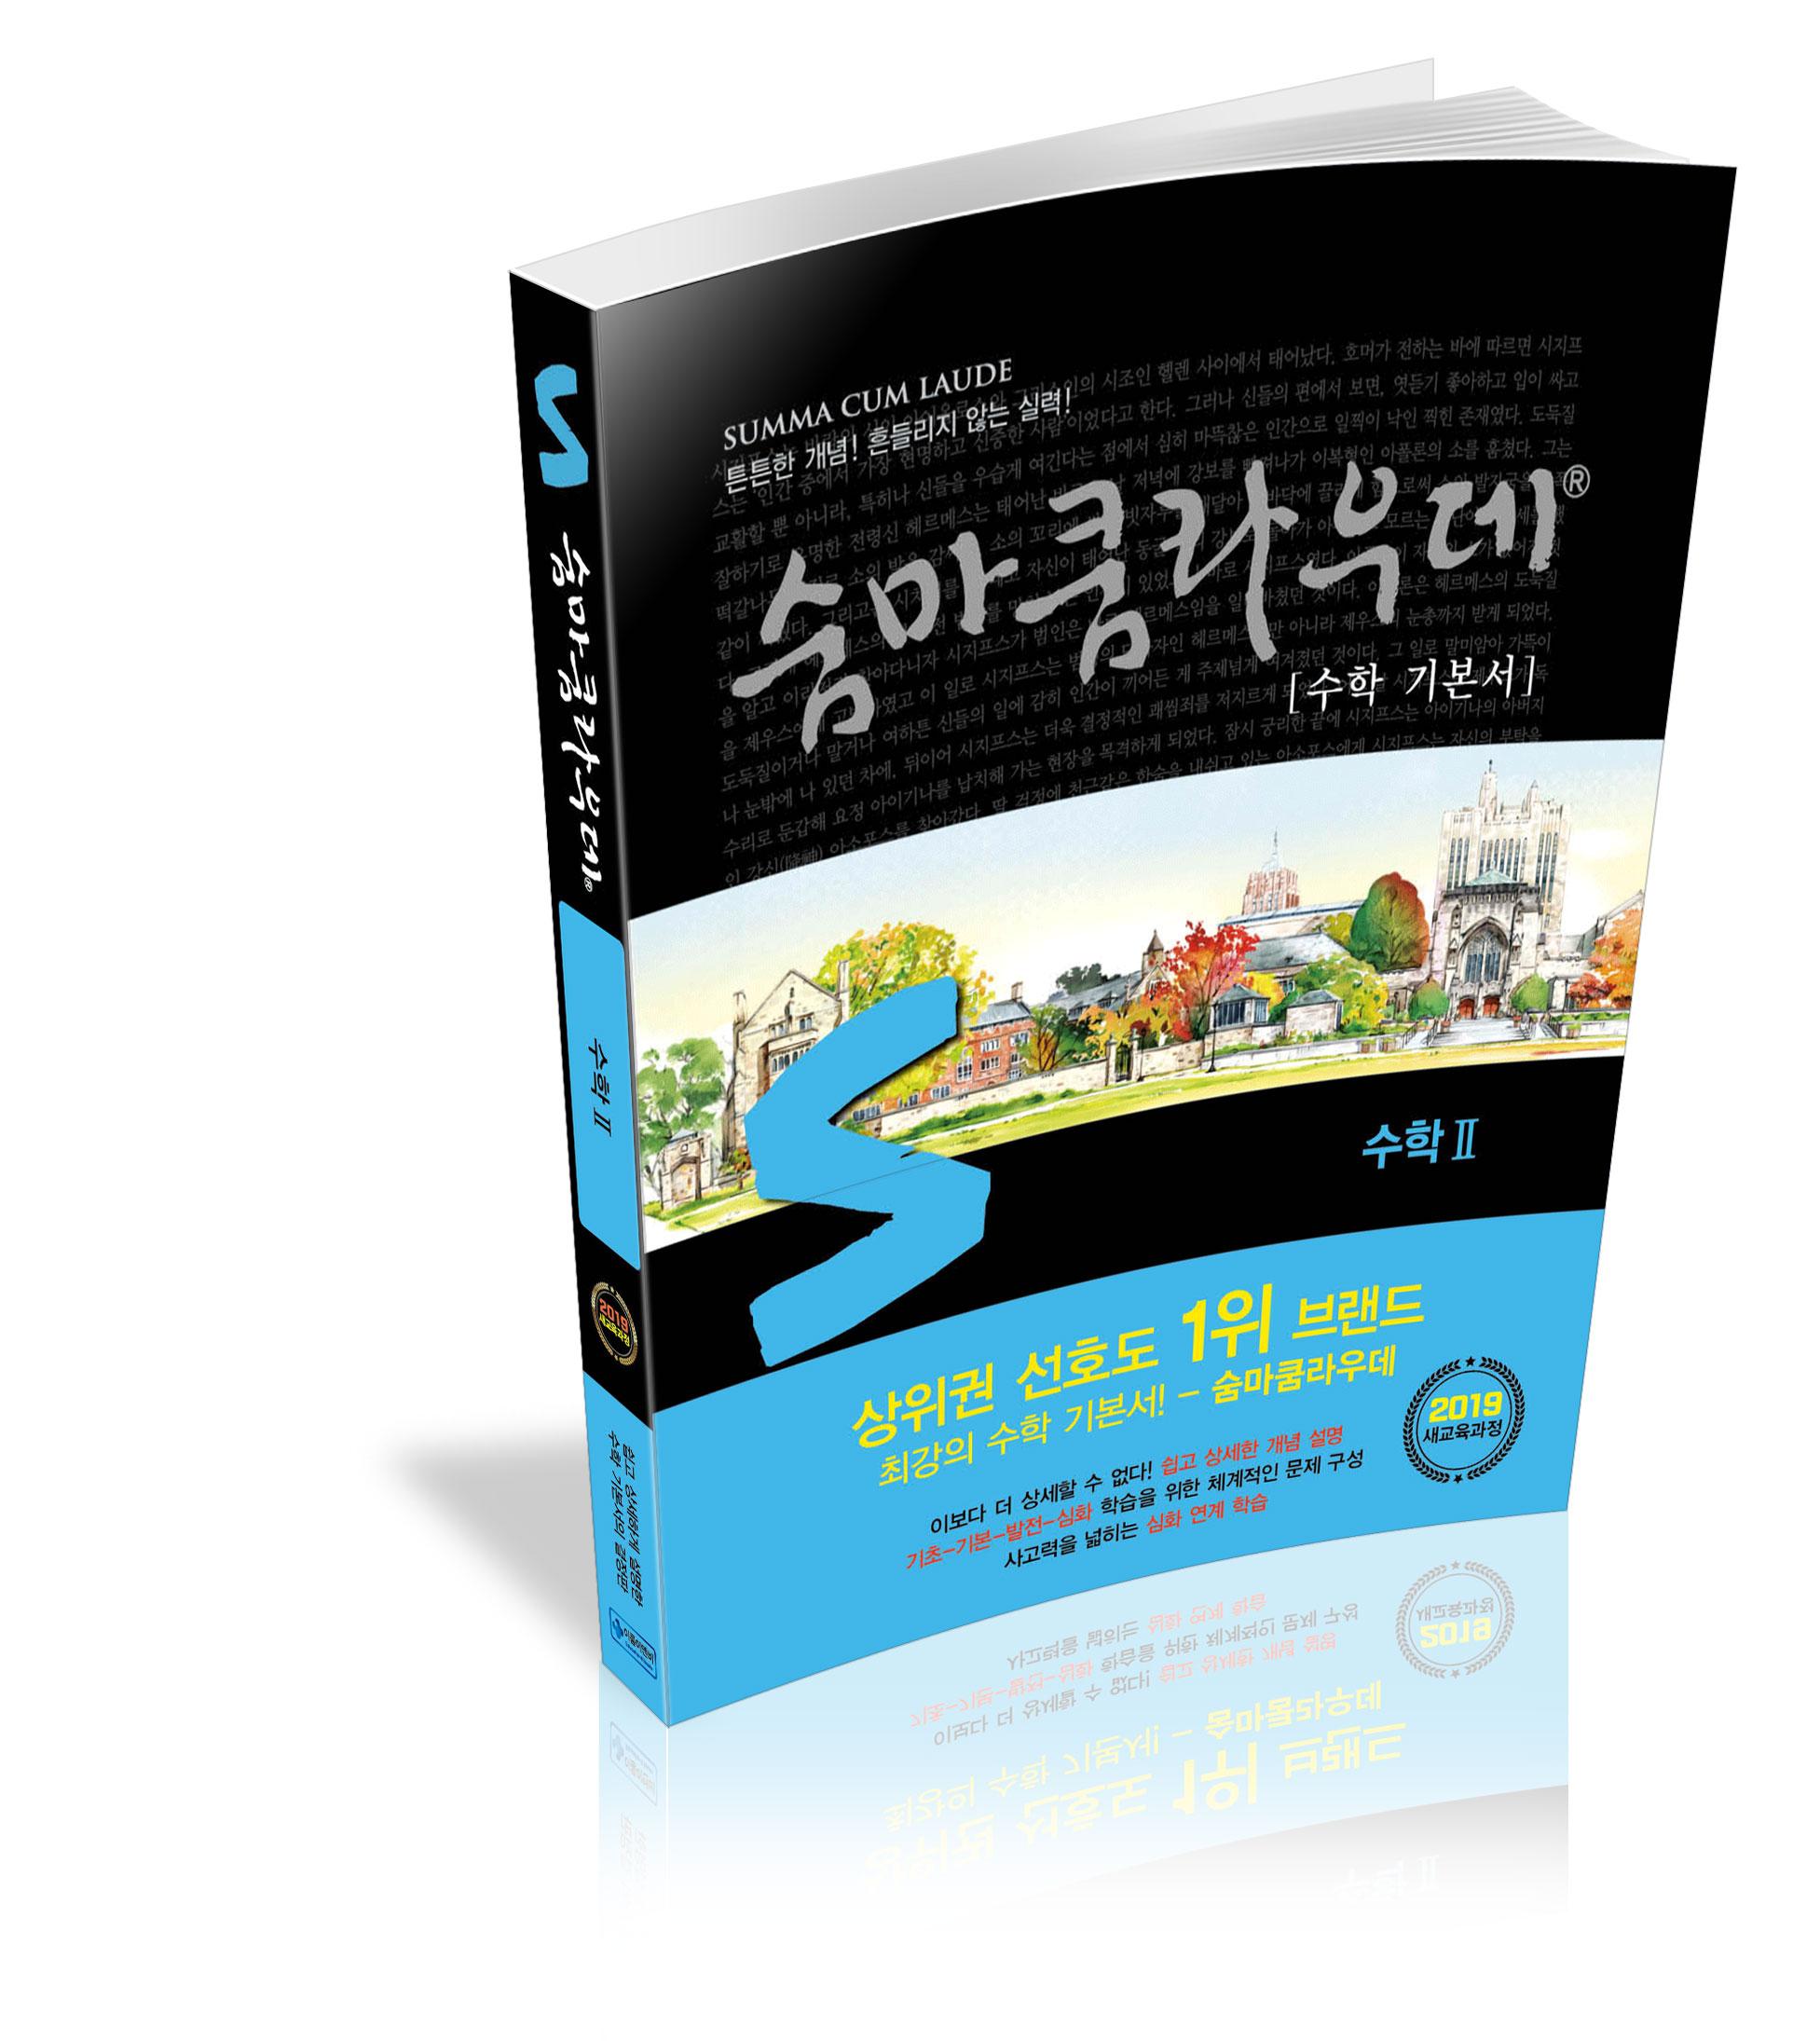 이룸이앤비_숨마쿰라우데_수학2_2019개정_표지.jpg